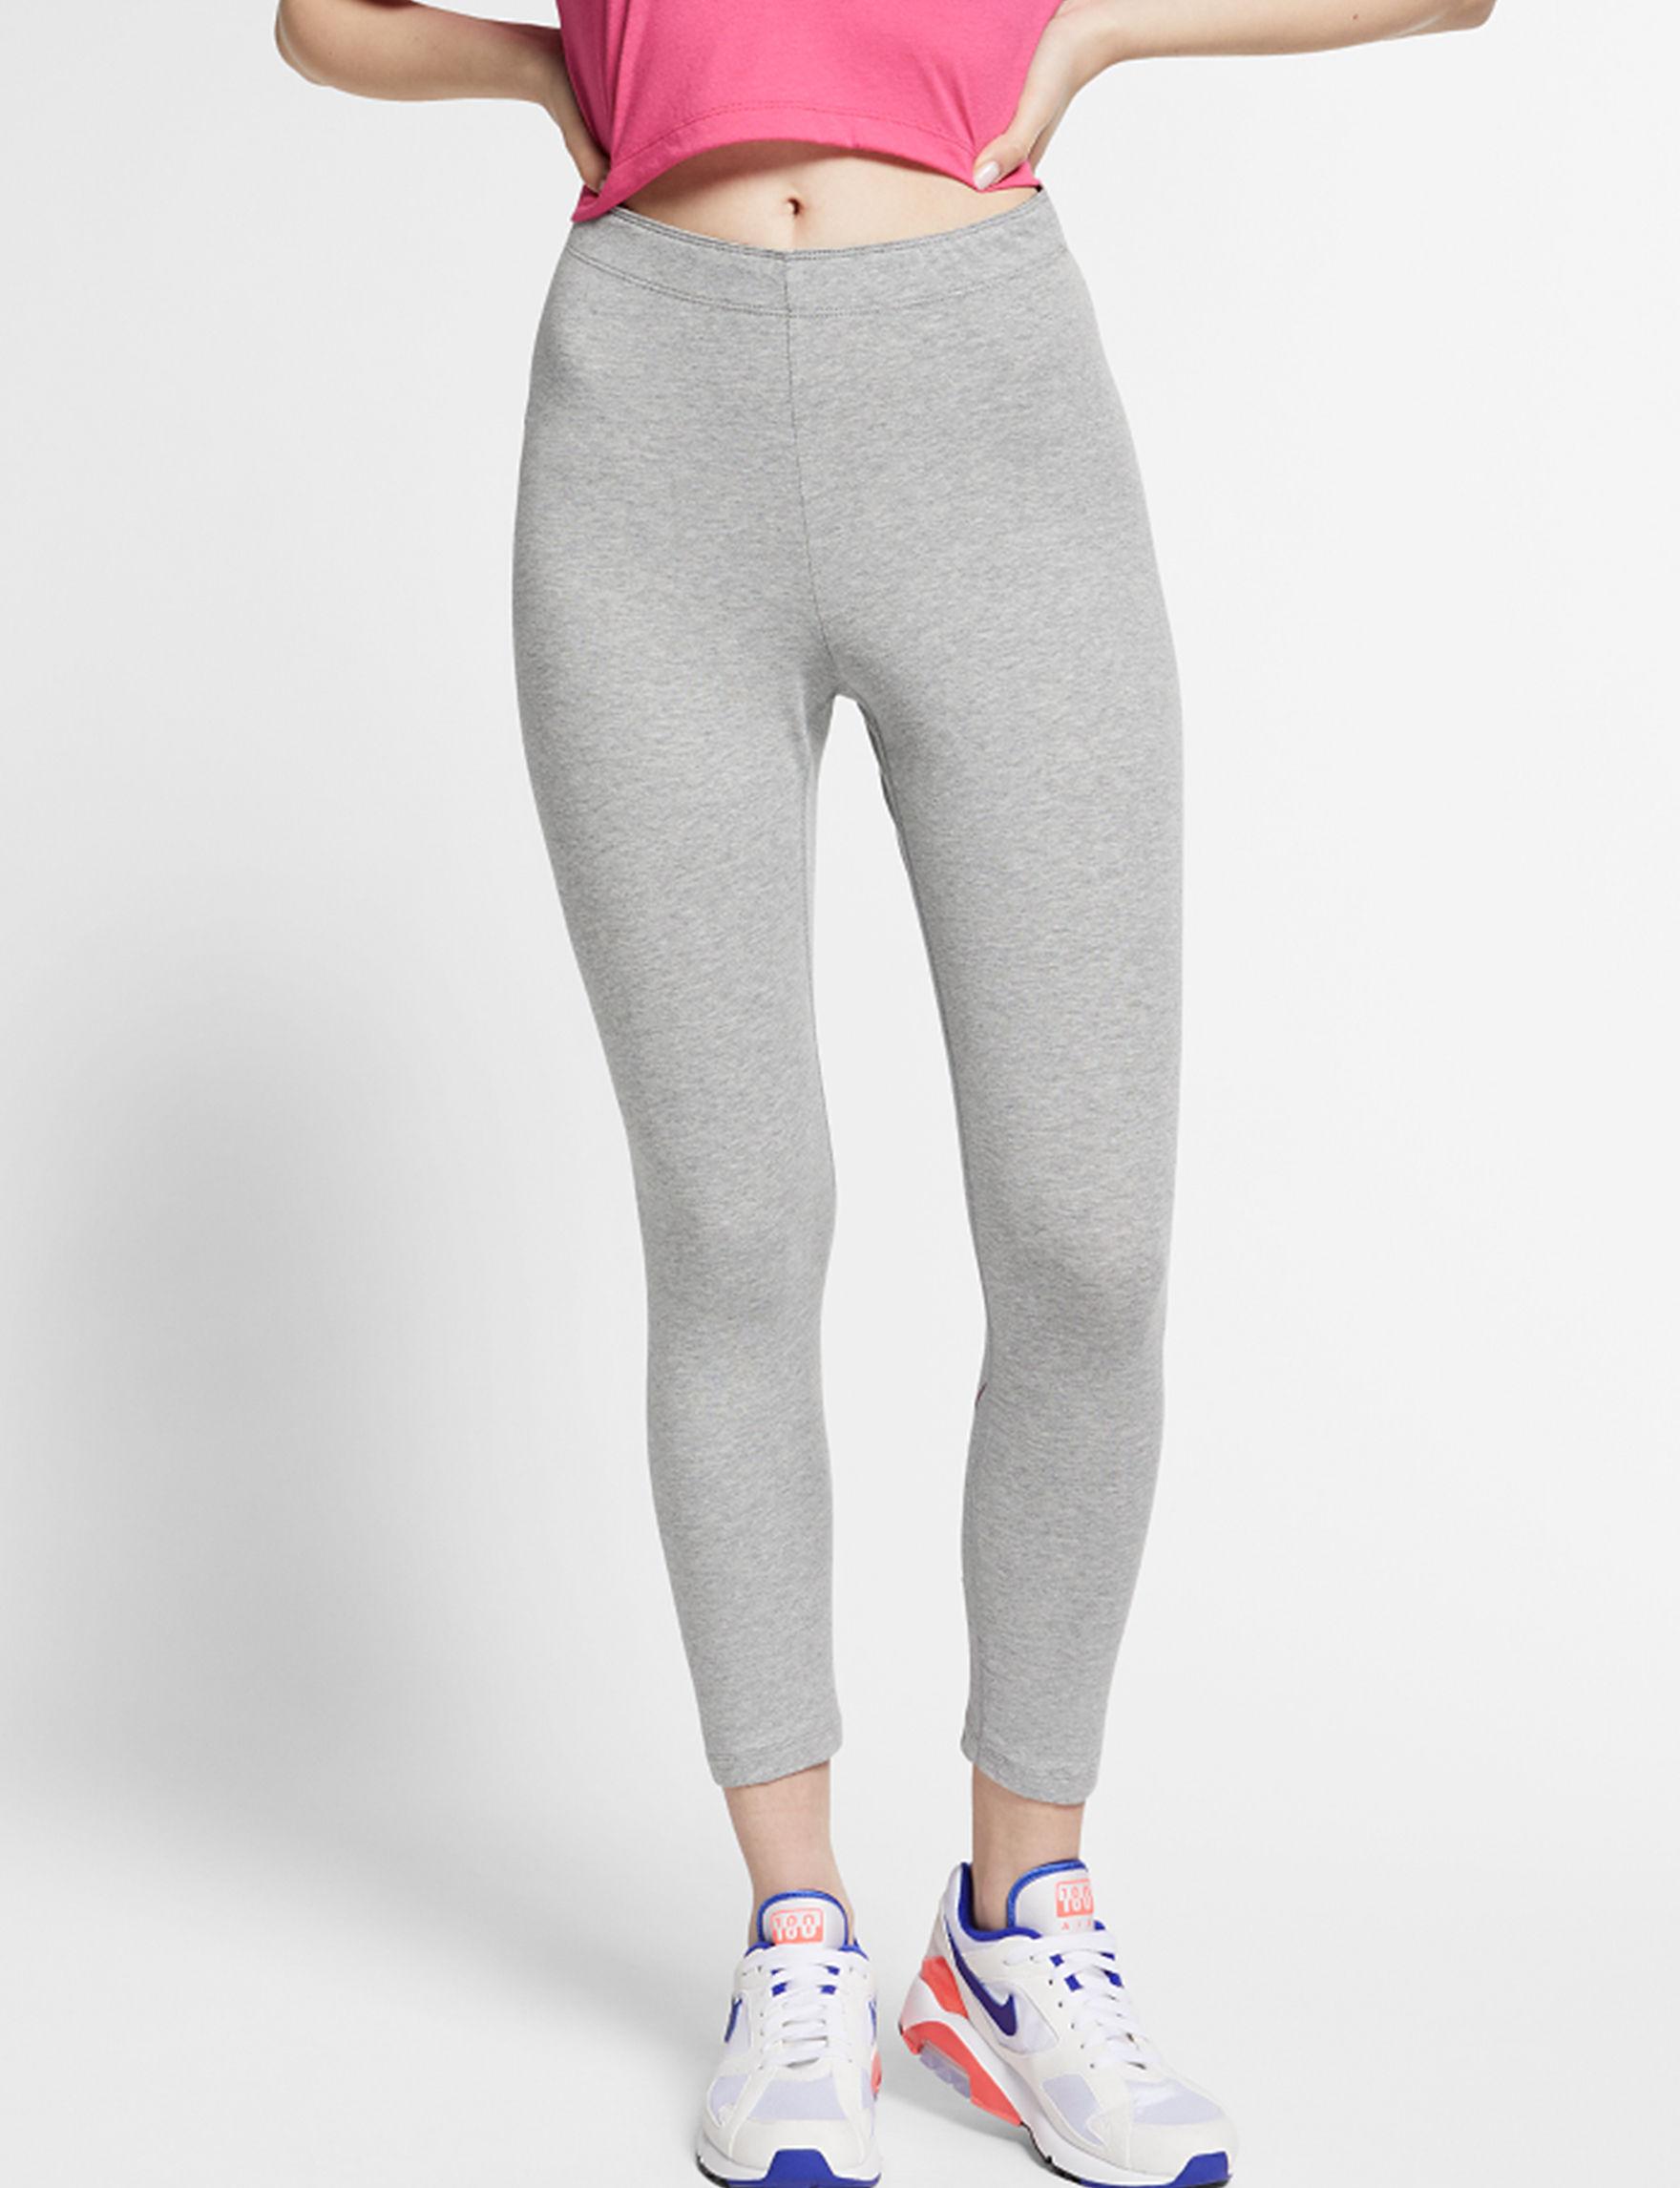 Nike Light Grey Leggings